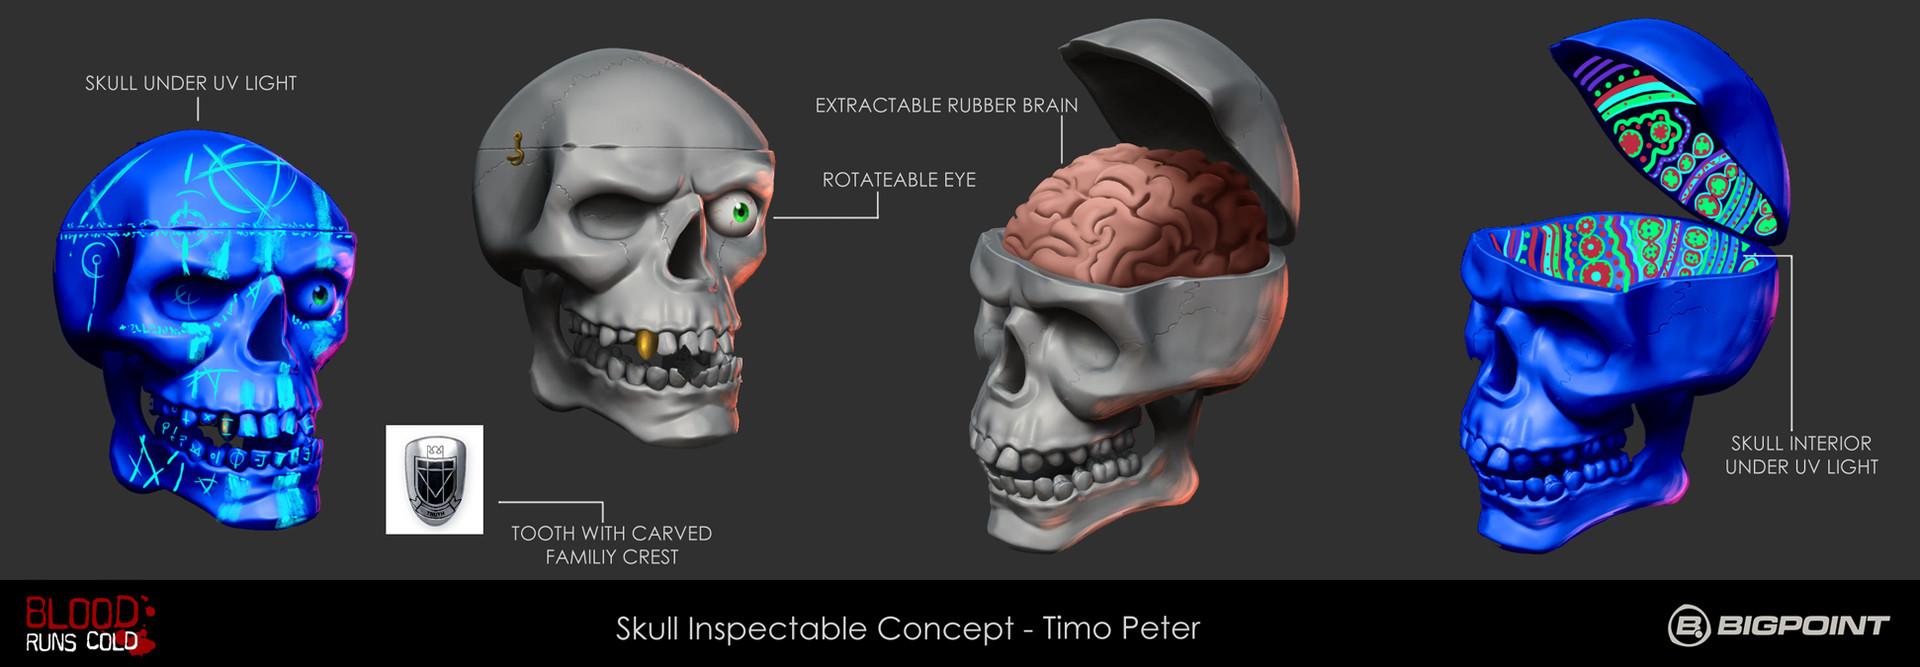 Skull - Inspectable: Skull sculpt provided by Vincent Menier